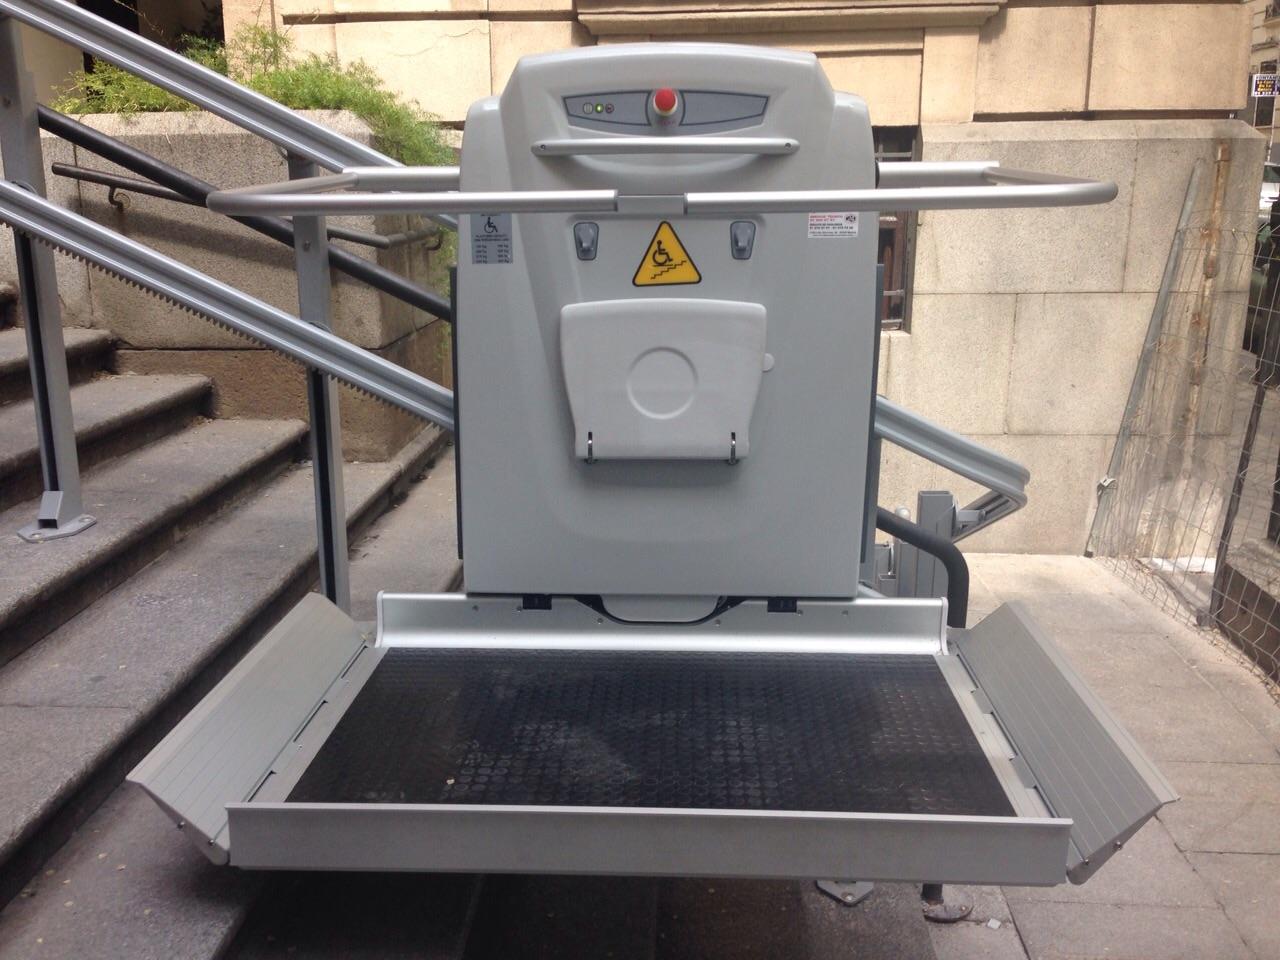 Instalación de plataformas elevadoras minusválidos